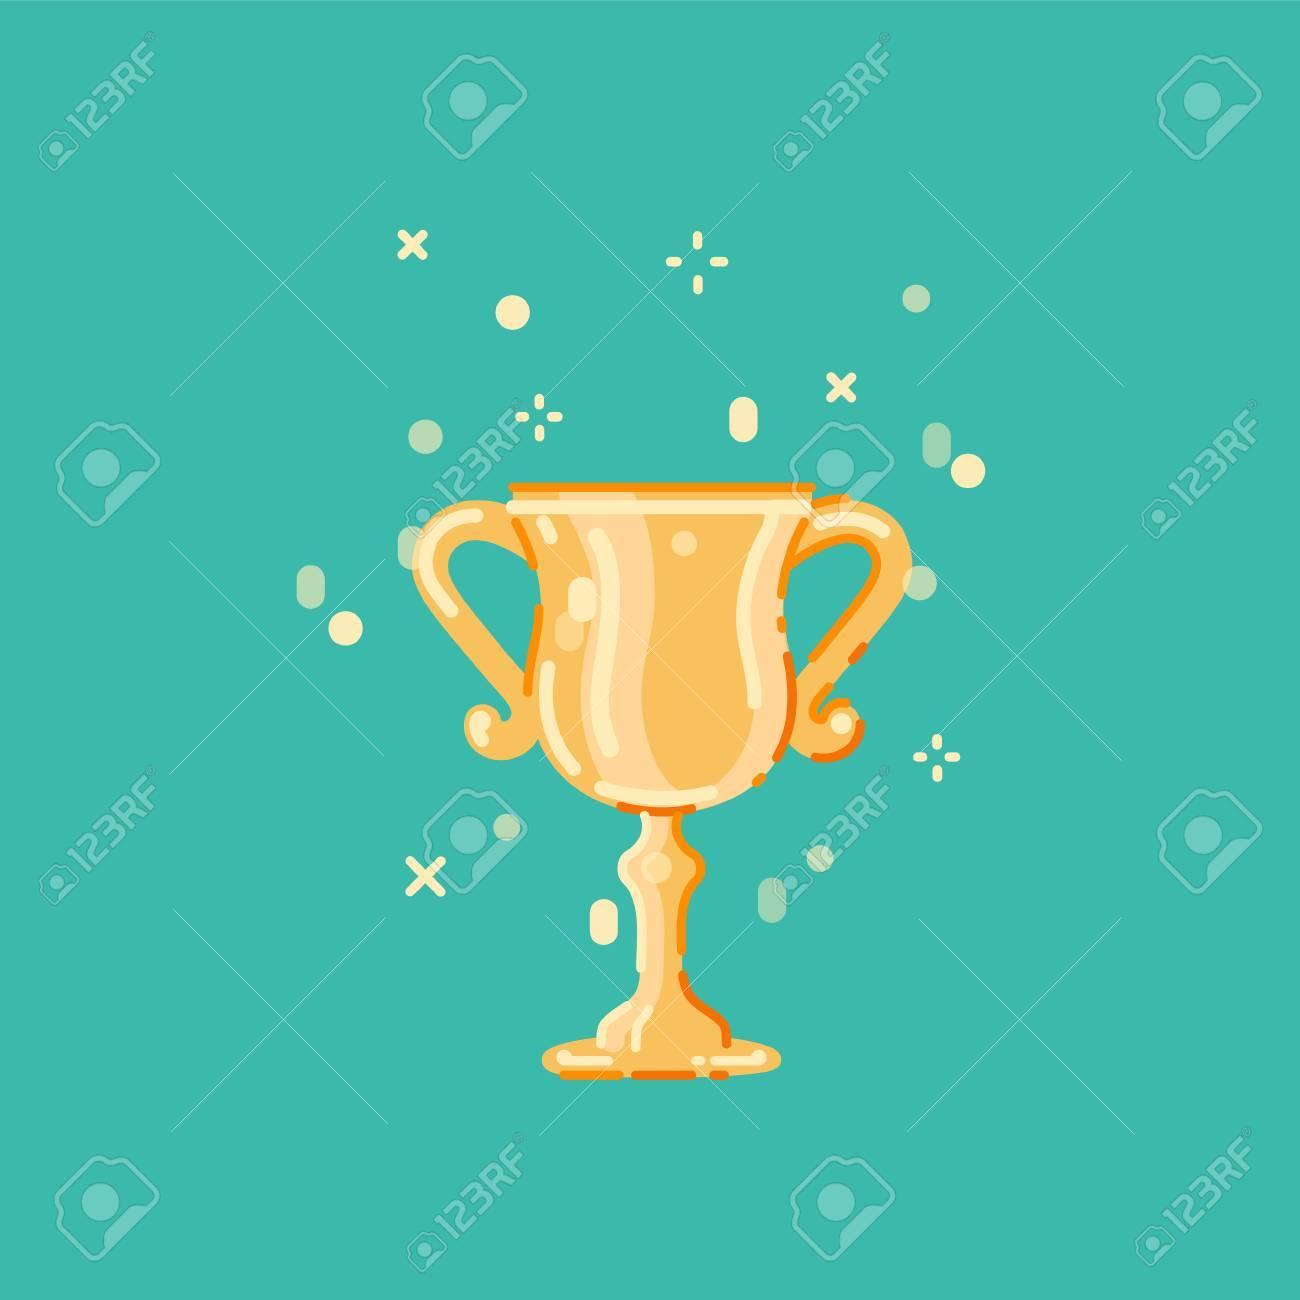 優勝カップ フラット デザイン ベクトル イラストトロフィー賞フラット